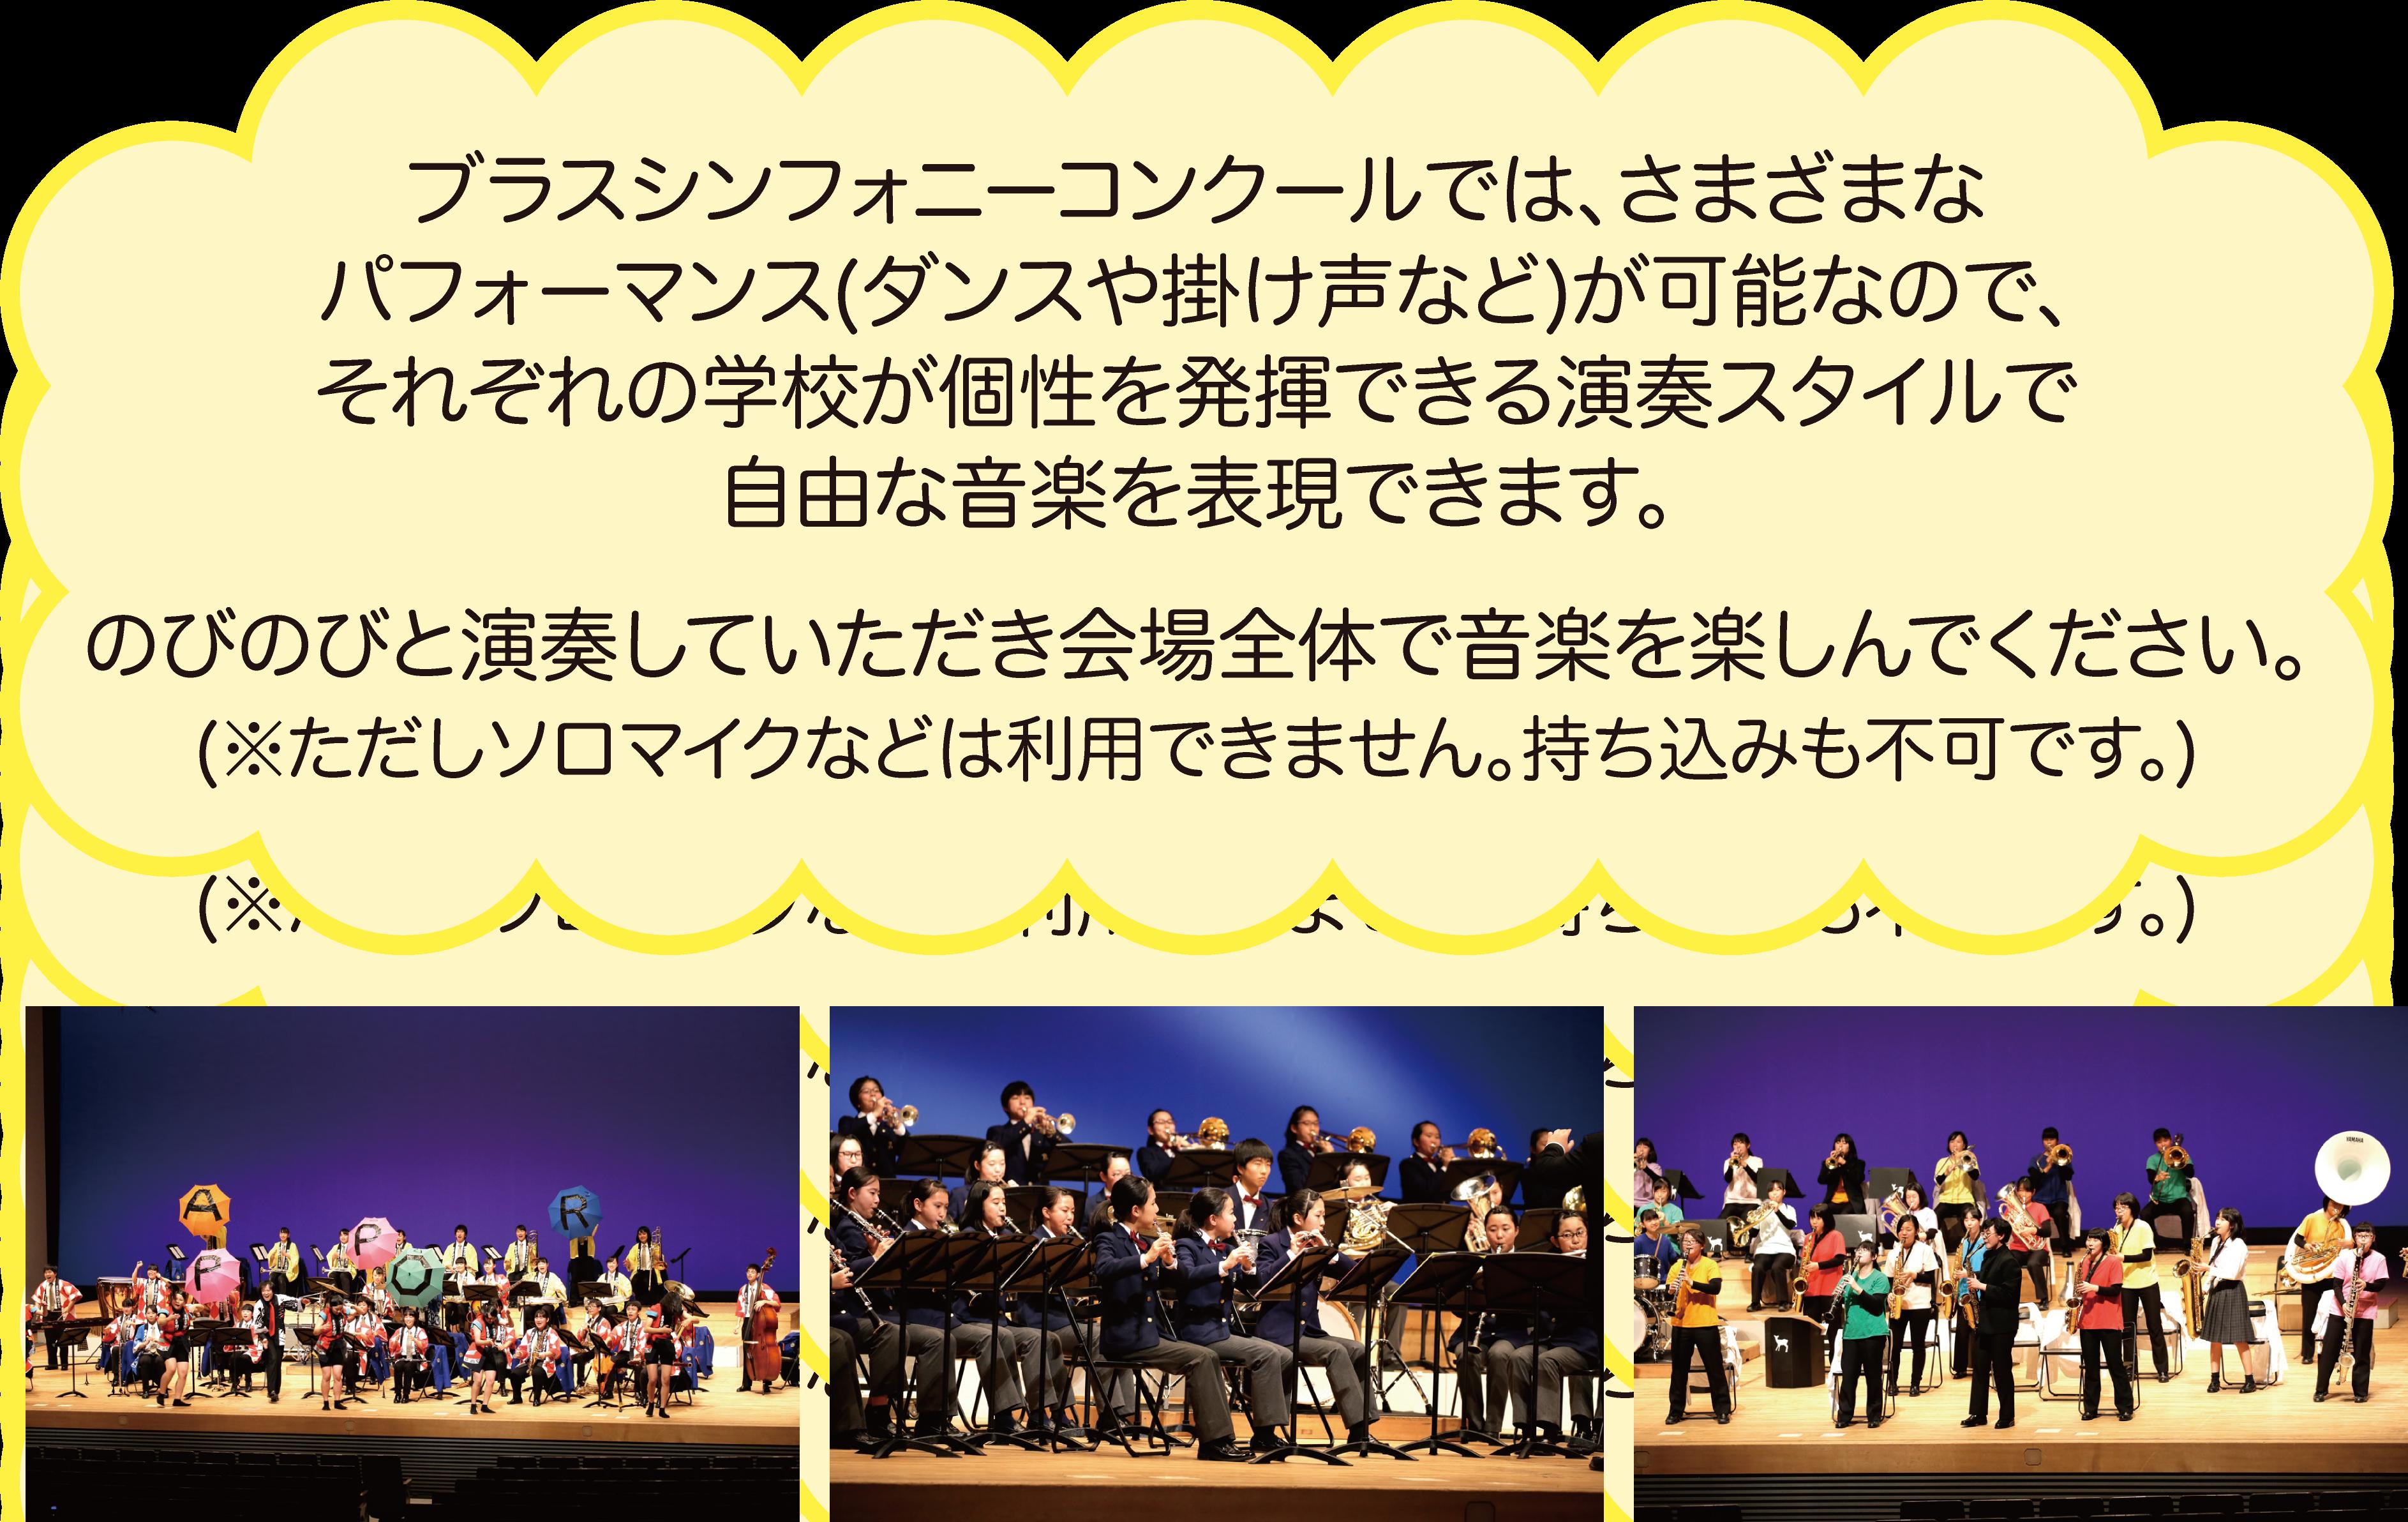 ブラスシンフォニーコンクールでは、さまざまなパフォーマンス(ダンスや掛け声など)が可能なので、それぞれの学校が個性を発揮できる演奏スタイルで自由な音楽を表現できます。のびのびと演奏していただき会場全体で音楽を楽しんでください。ただしソロマイクなどは利用できません。持ち込みも不可です。